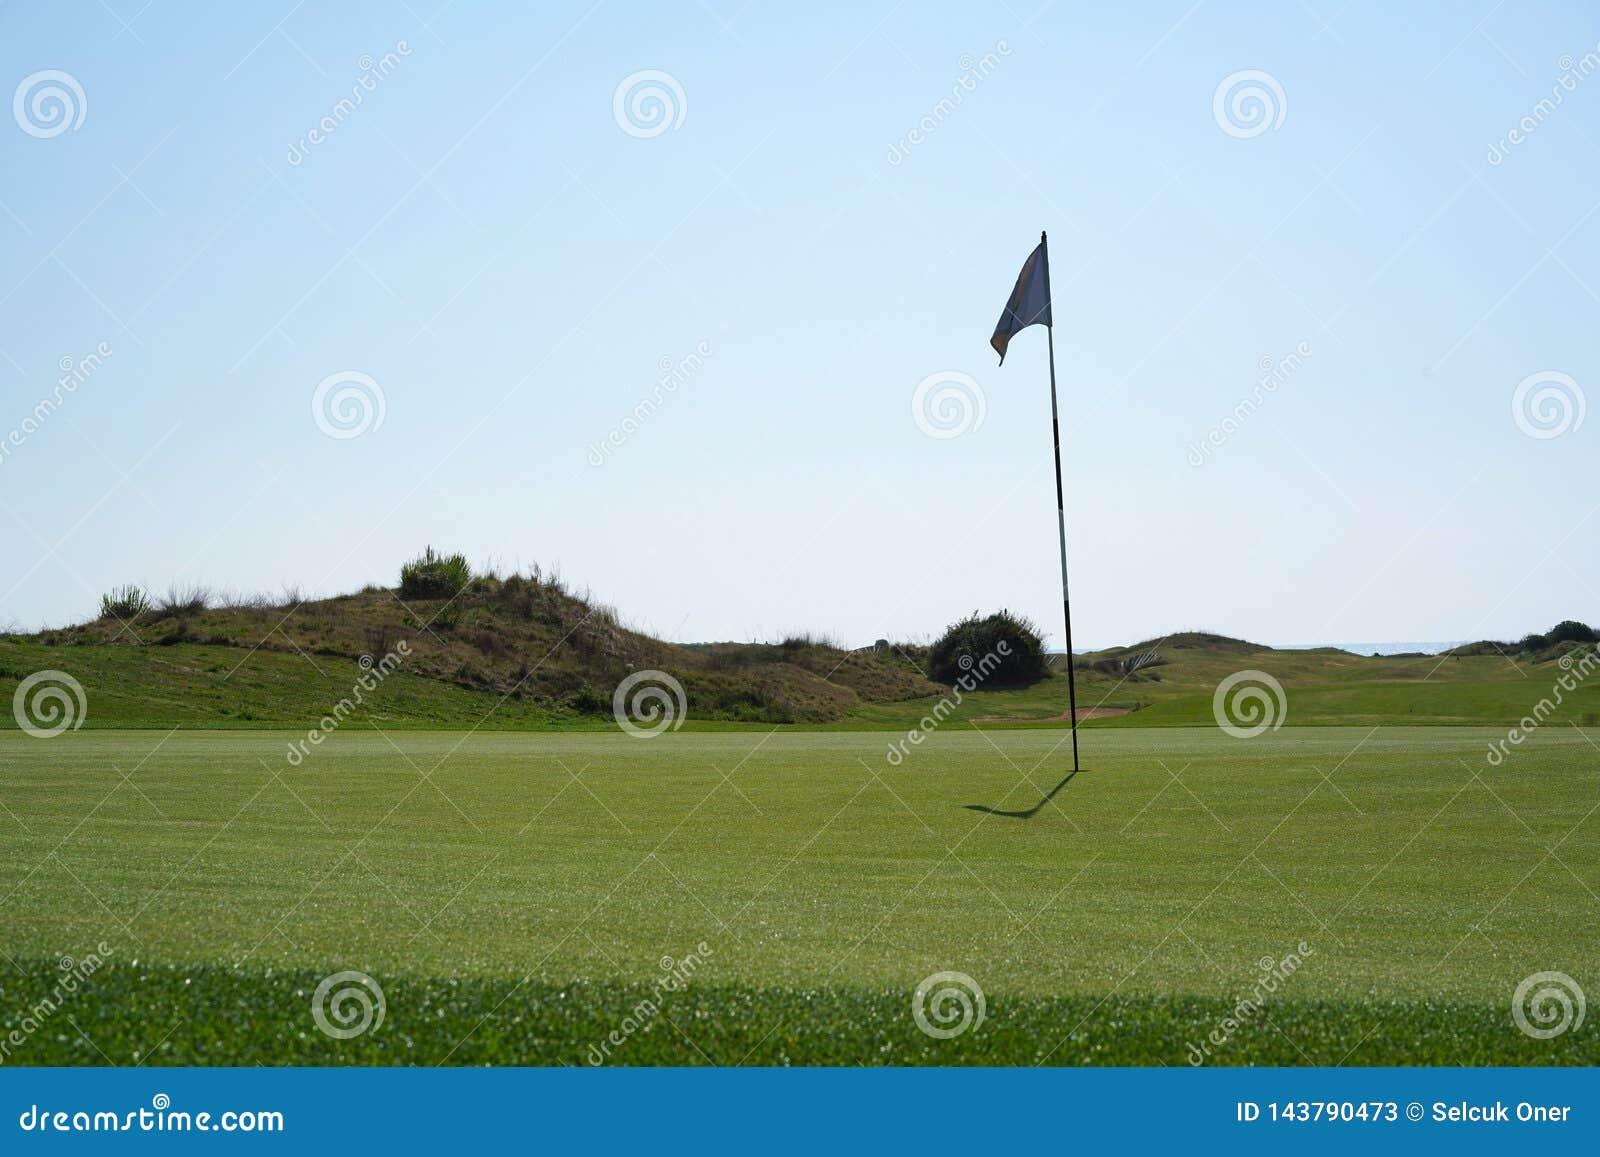 Σημαία τρυπών στο γήπεδο του γκολφ μια ηλιόλουστη ημέρα